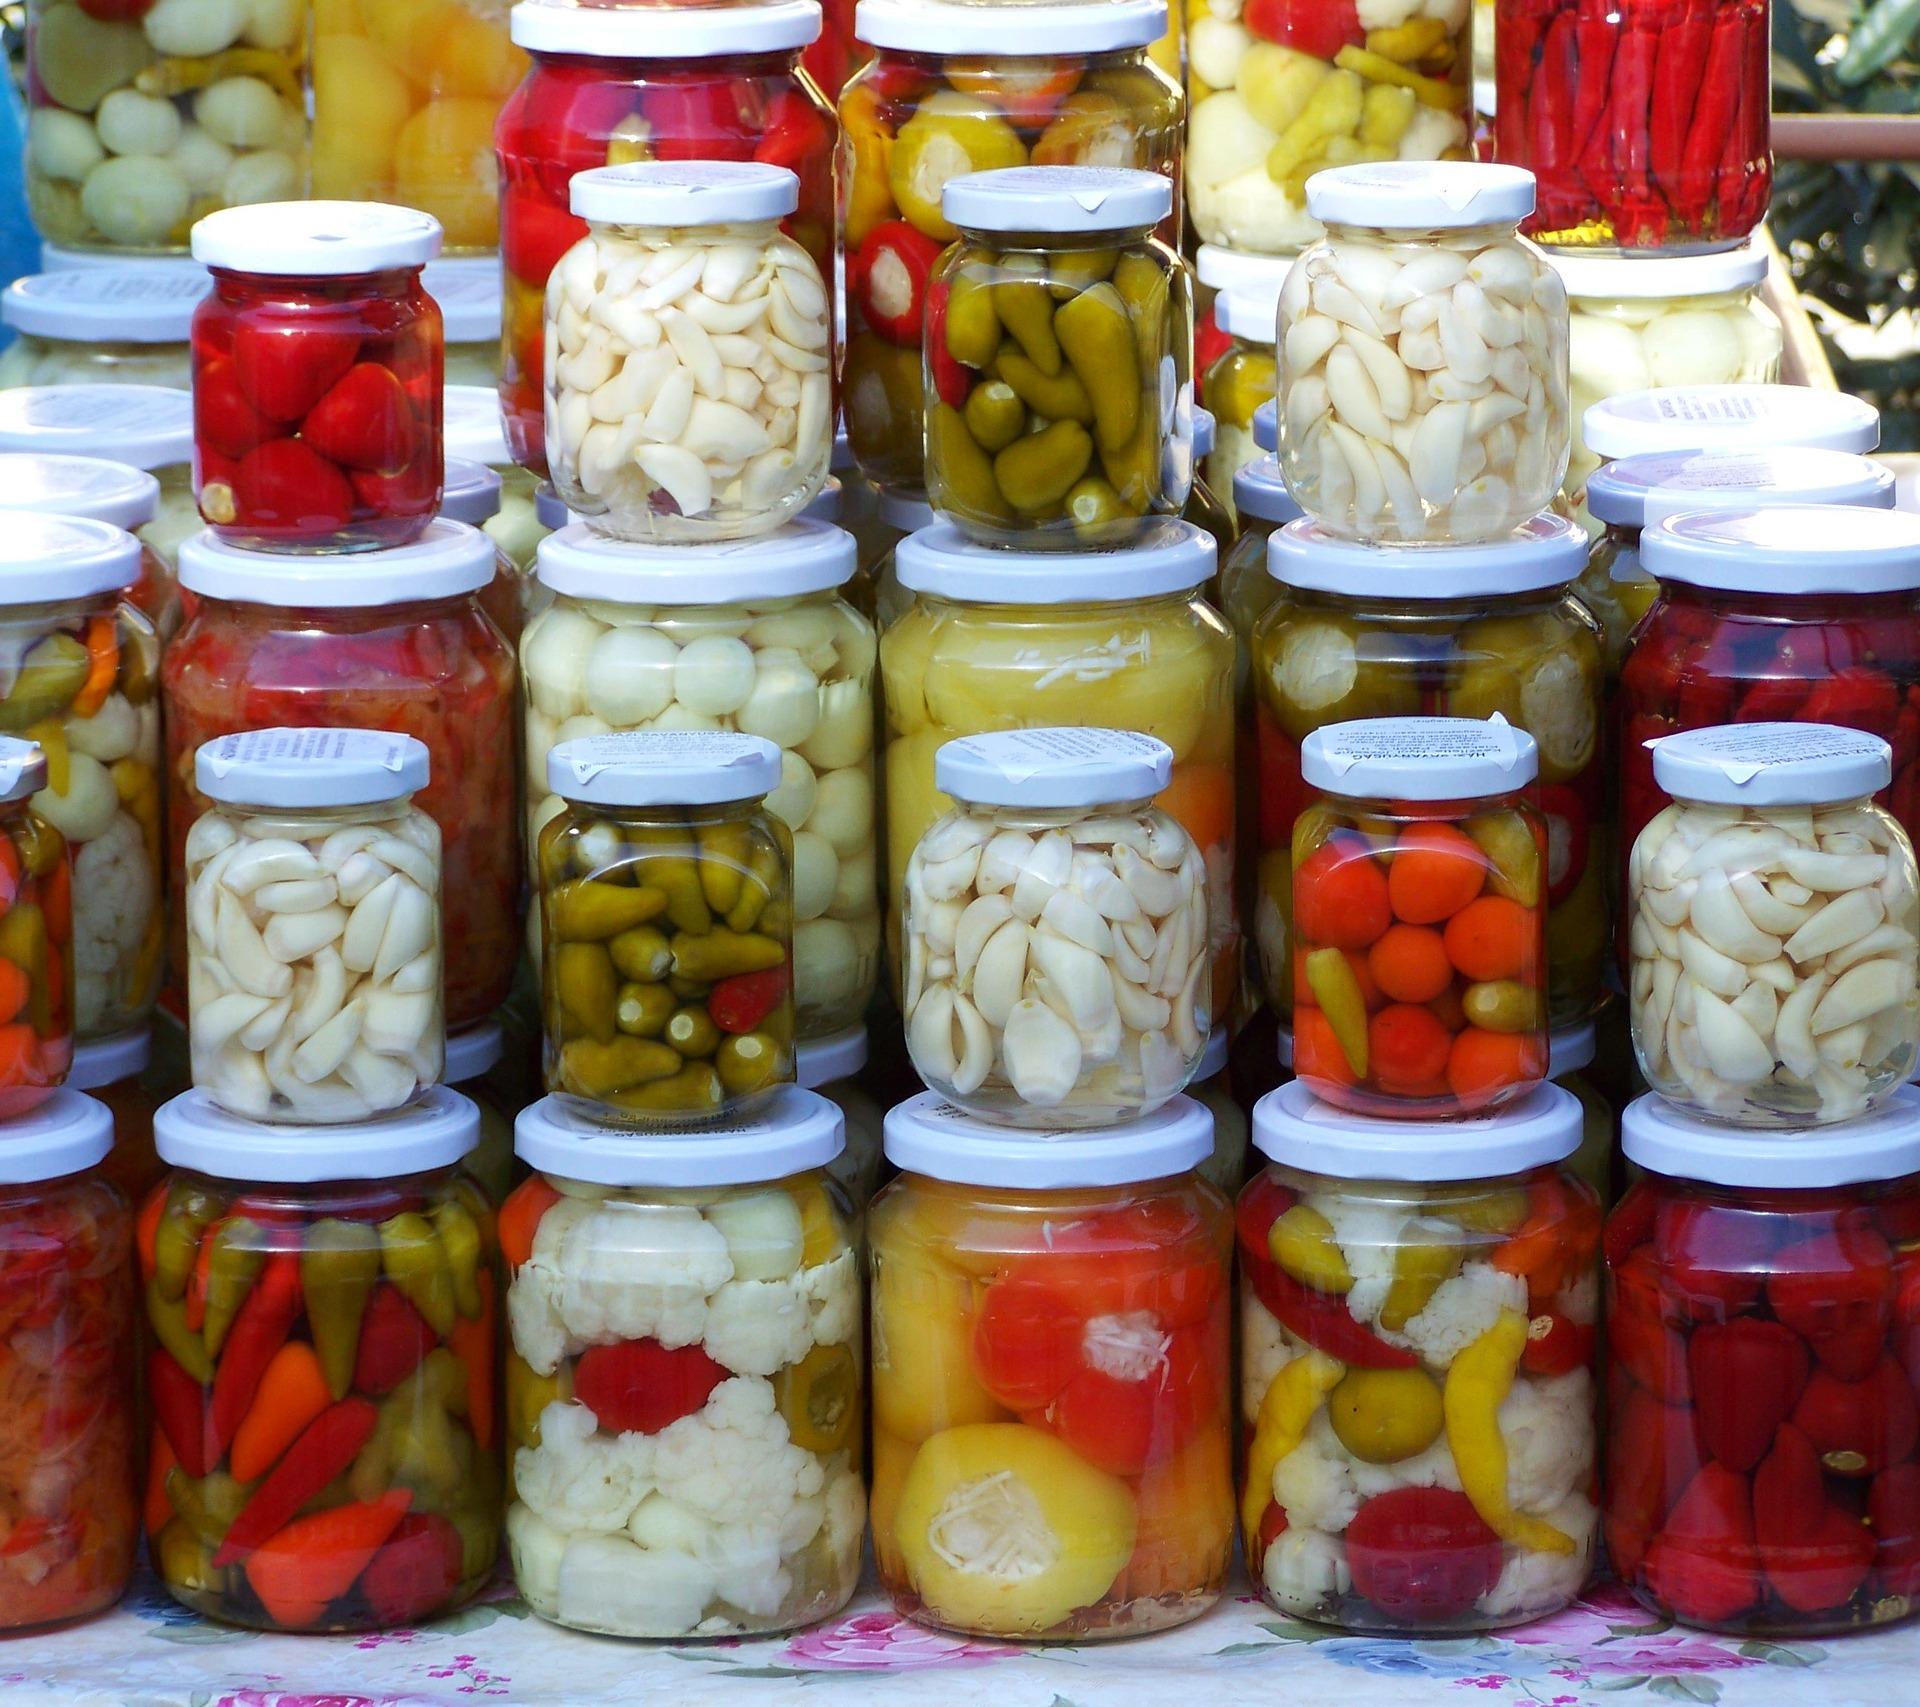 pickled-vegetables-2110970_1920